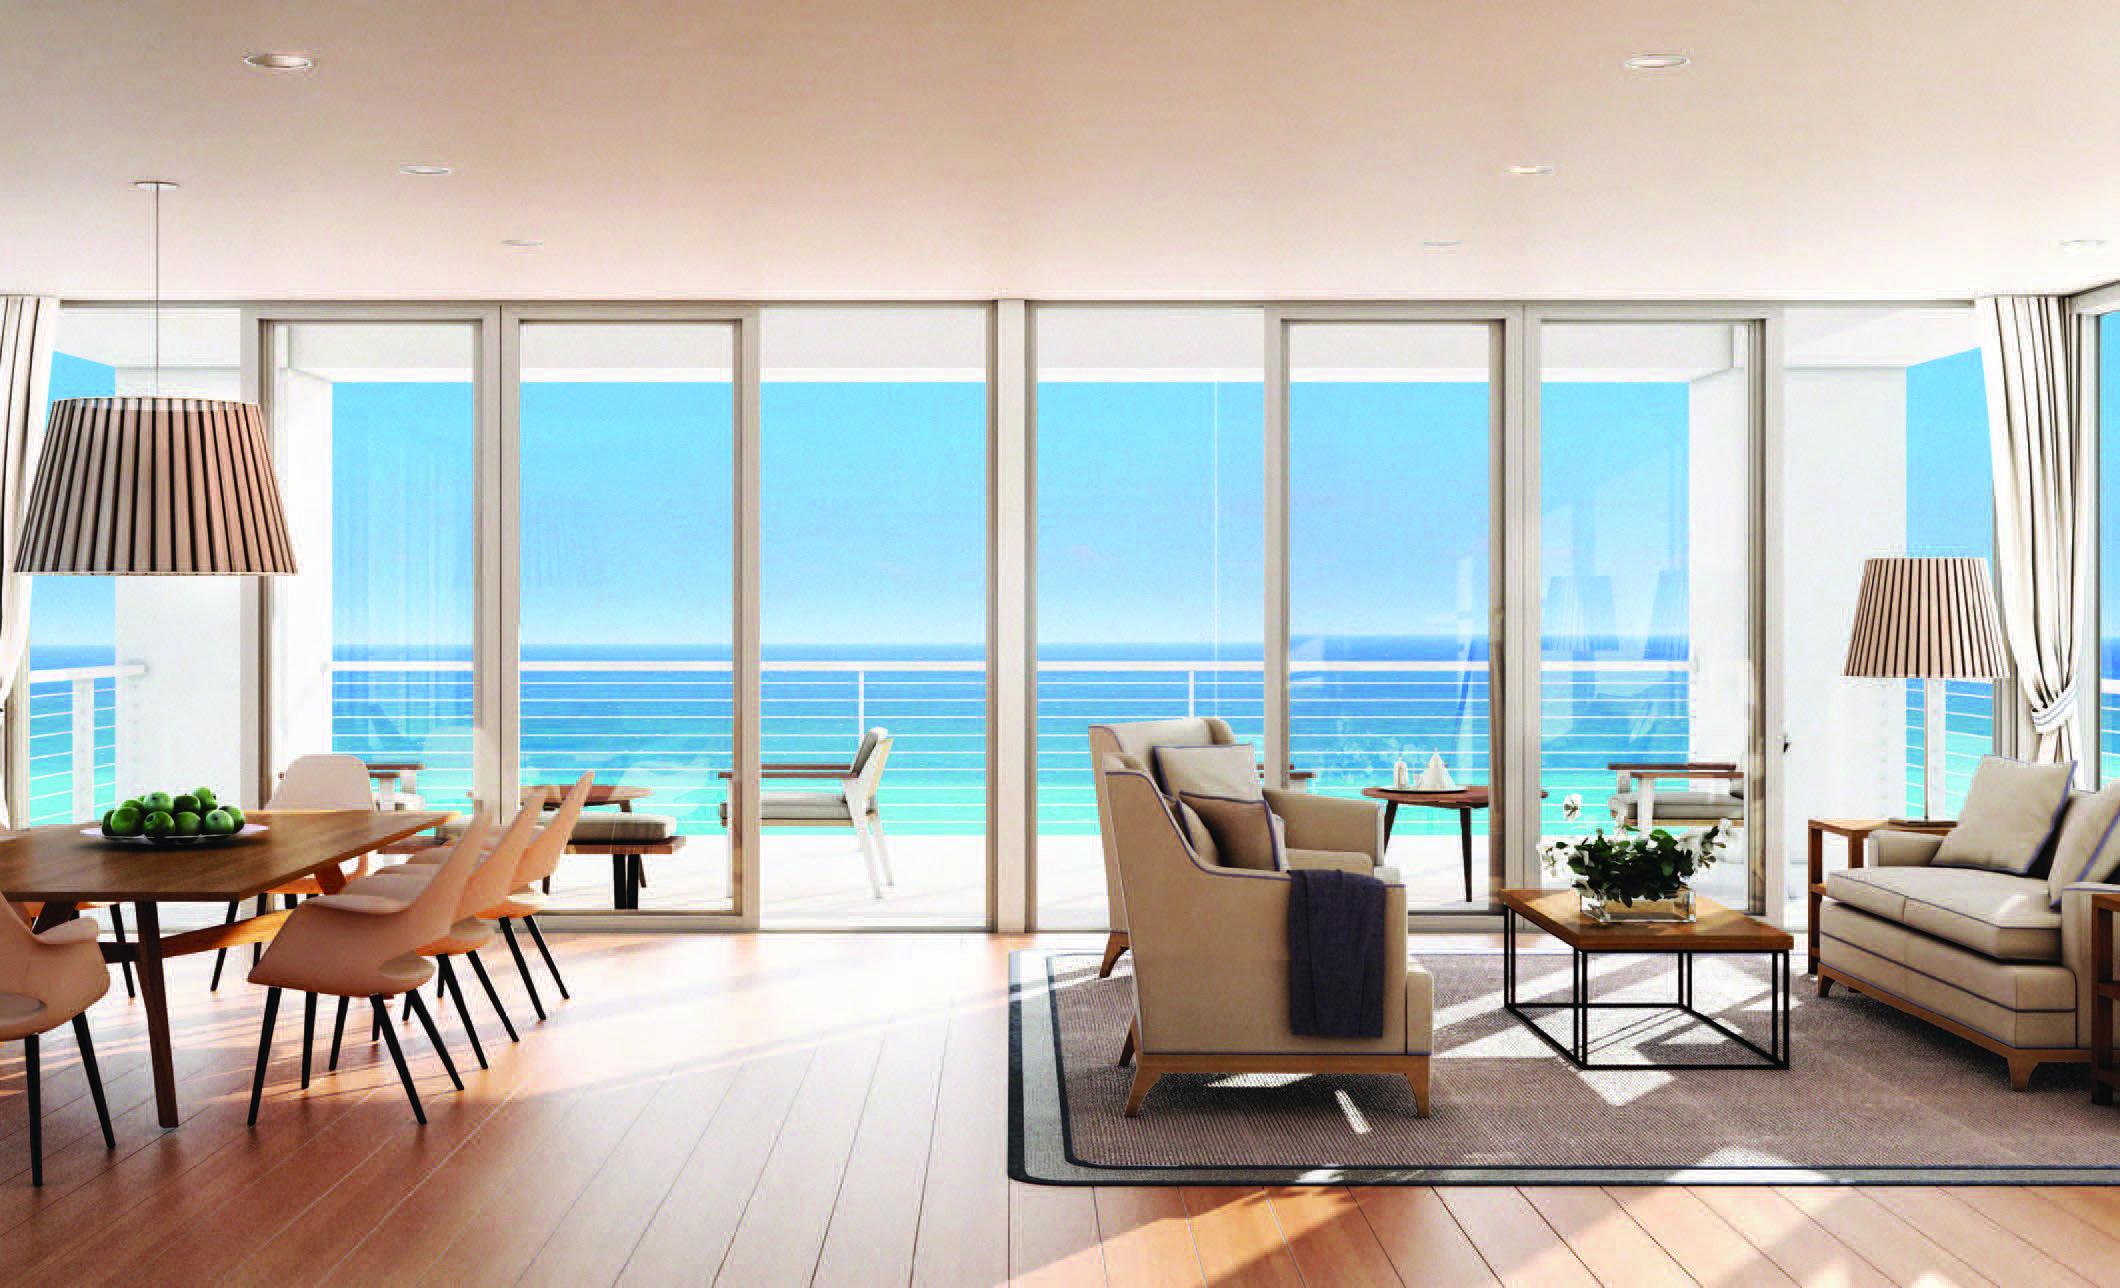 Minimal Beach House Beach Decor Living Room Beach House Decor Living Room Beach Style House Plans